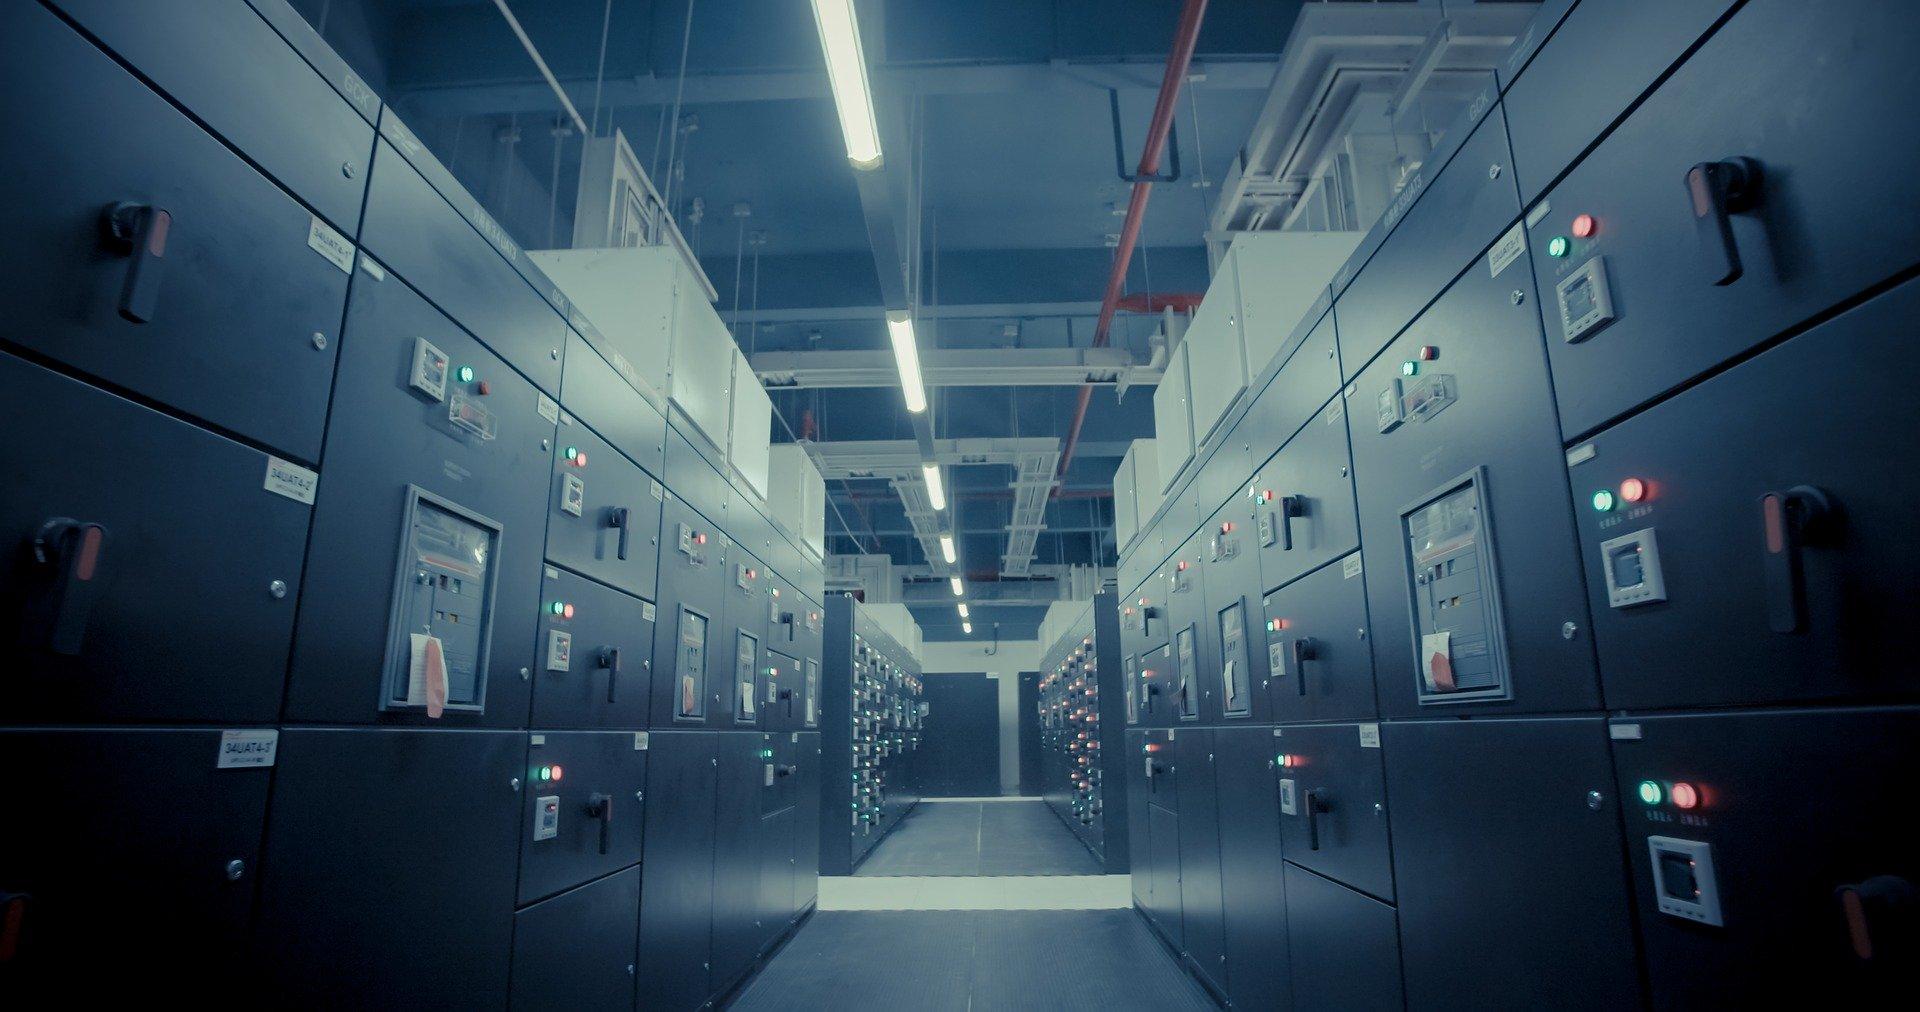 データセンターとは?クラウドとの違いと役割を紹介